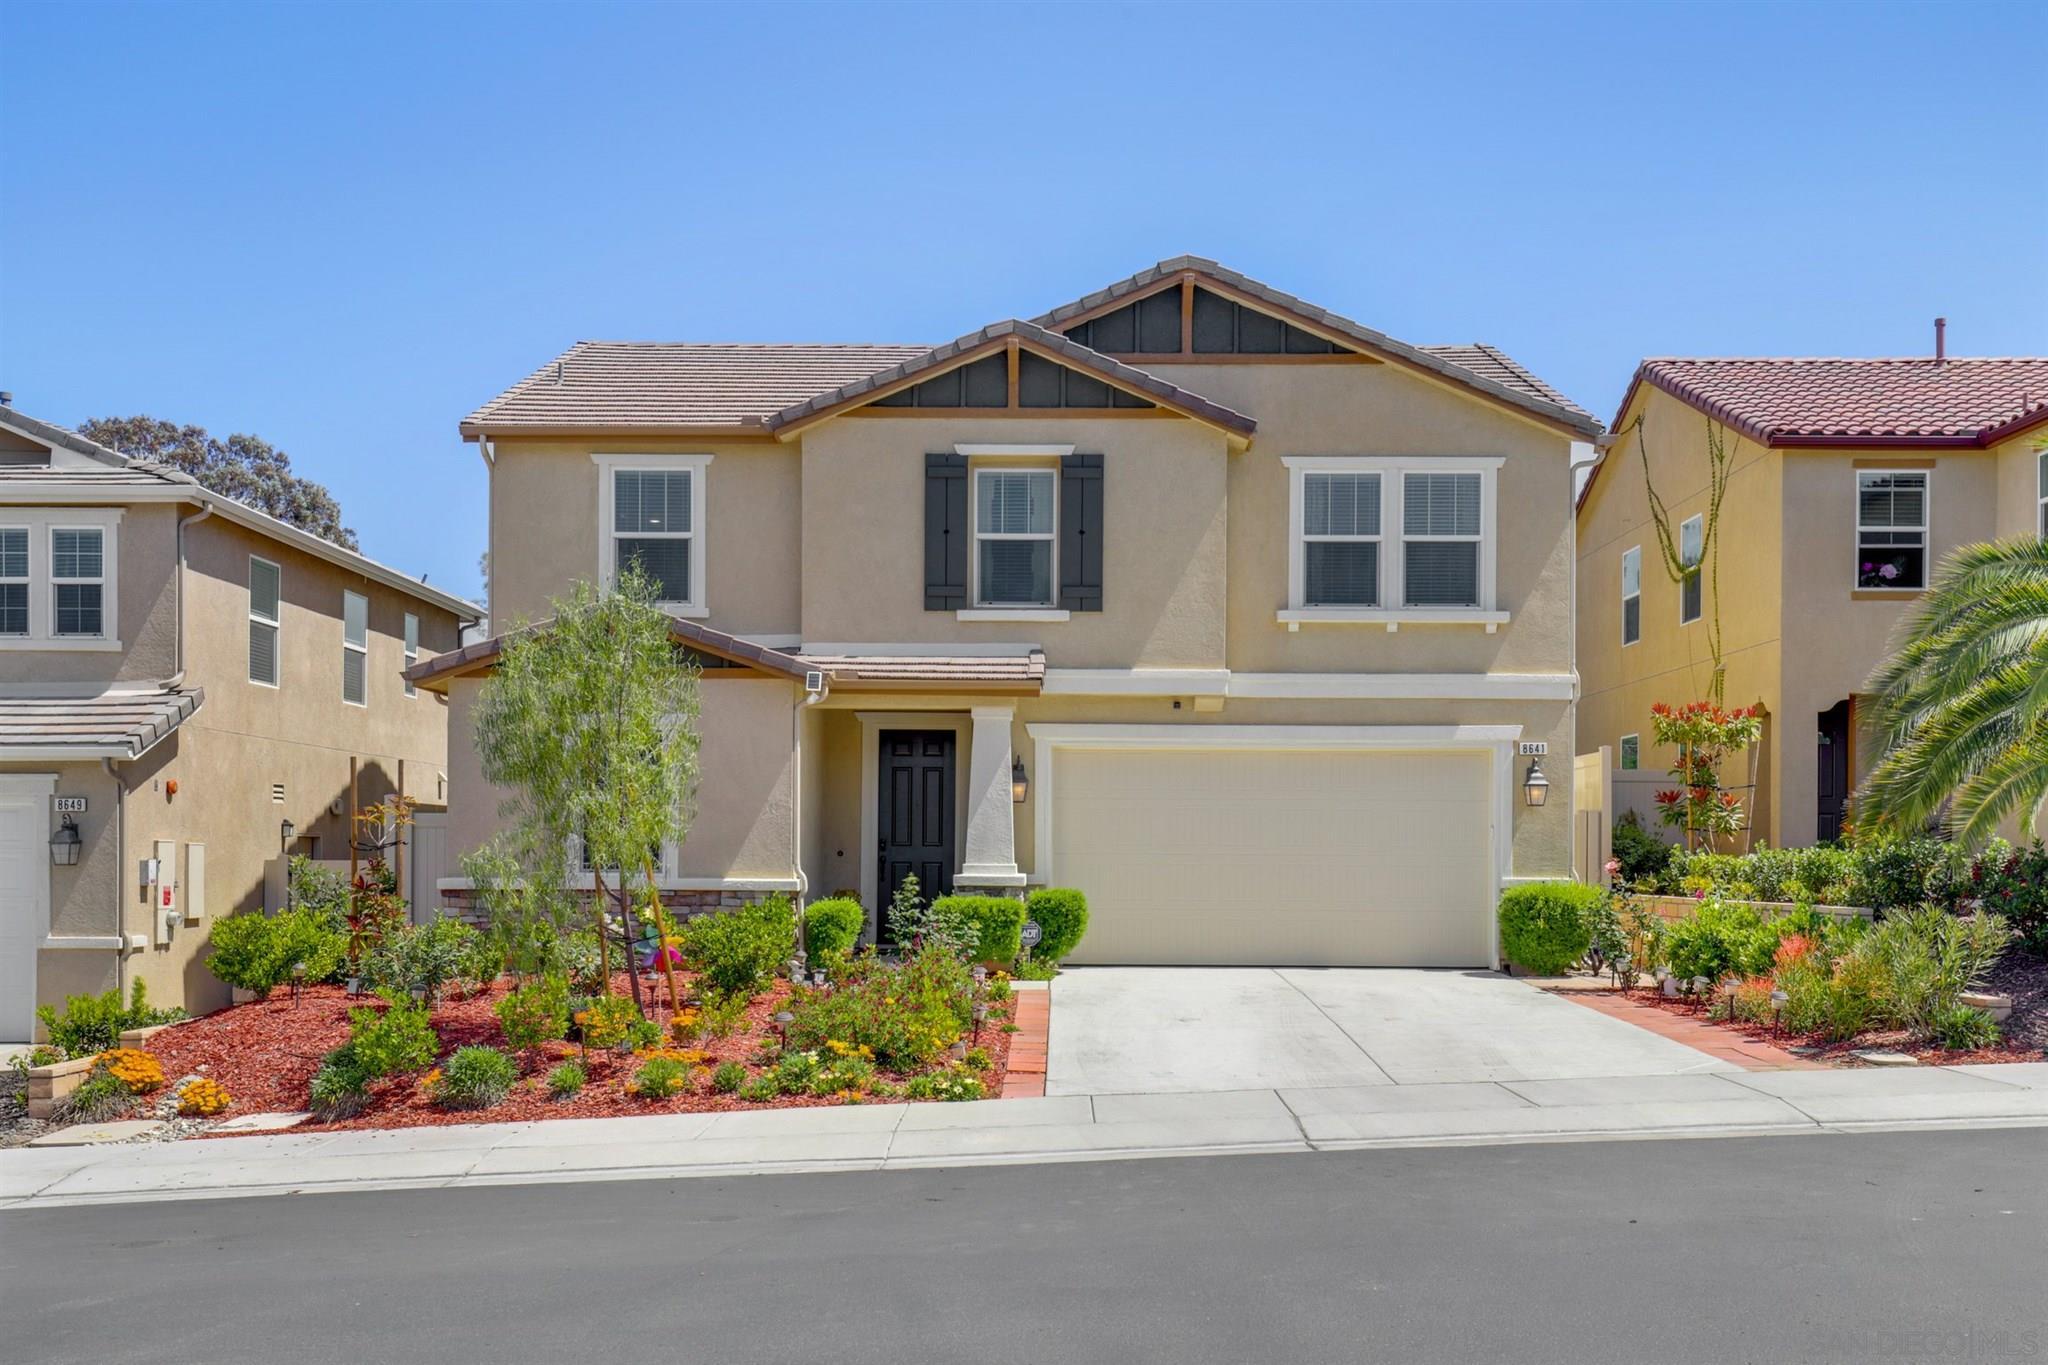 8641 Camden Dr, Santee, CA 92071